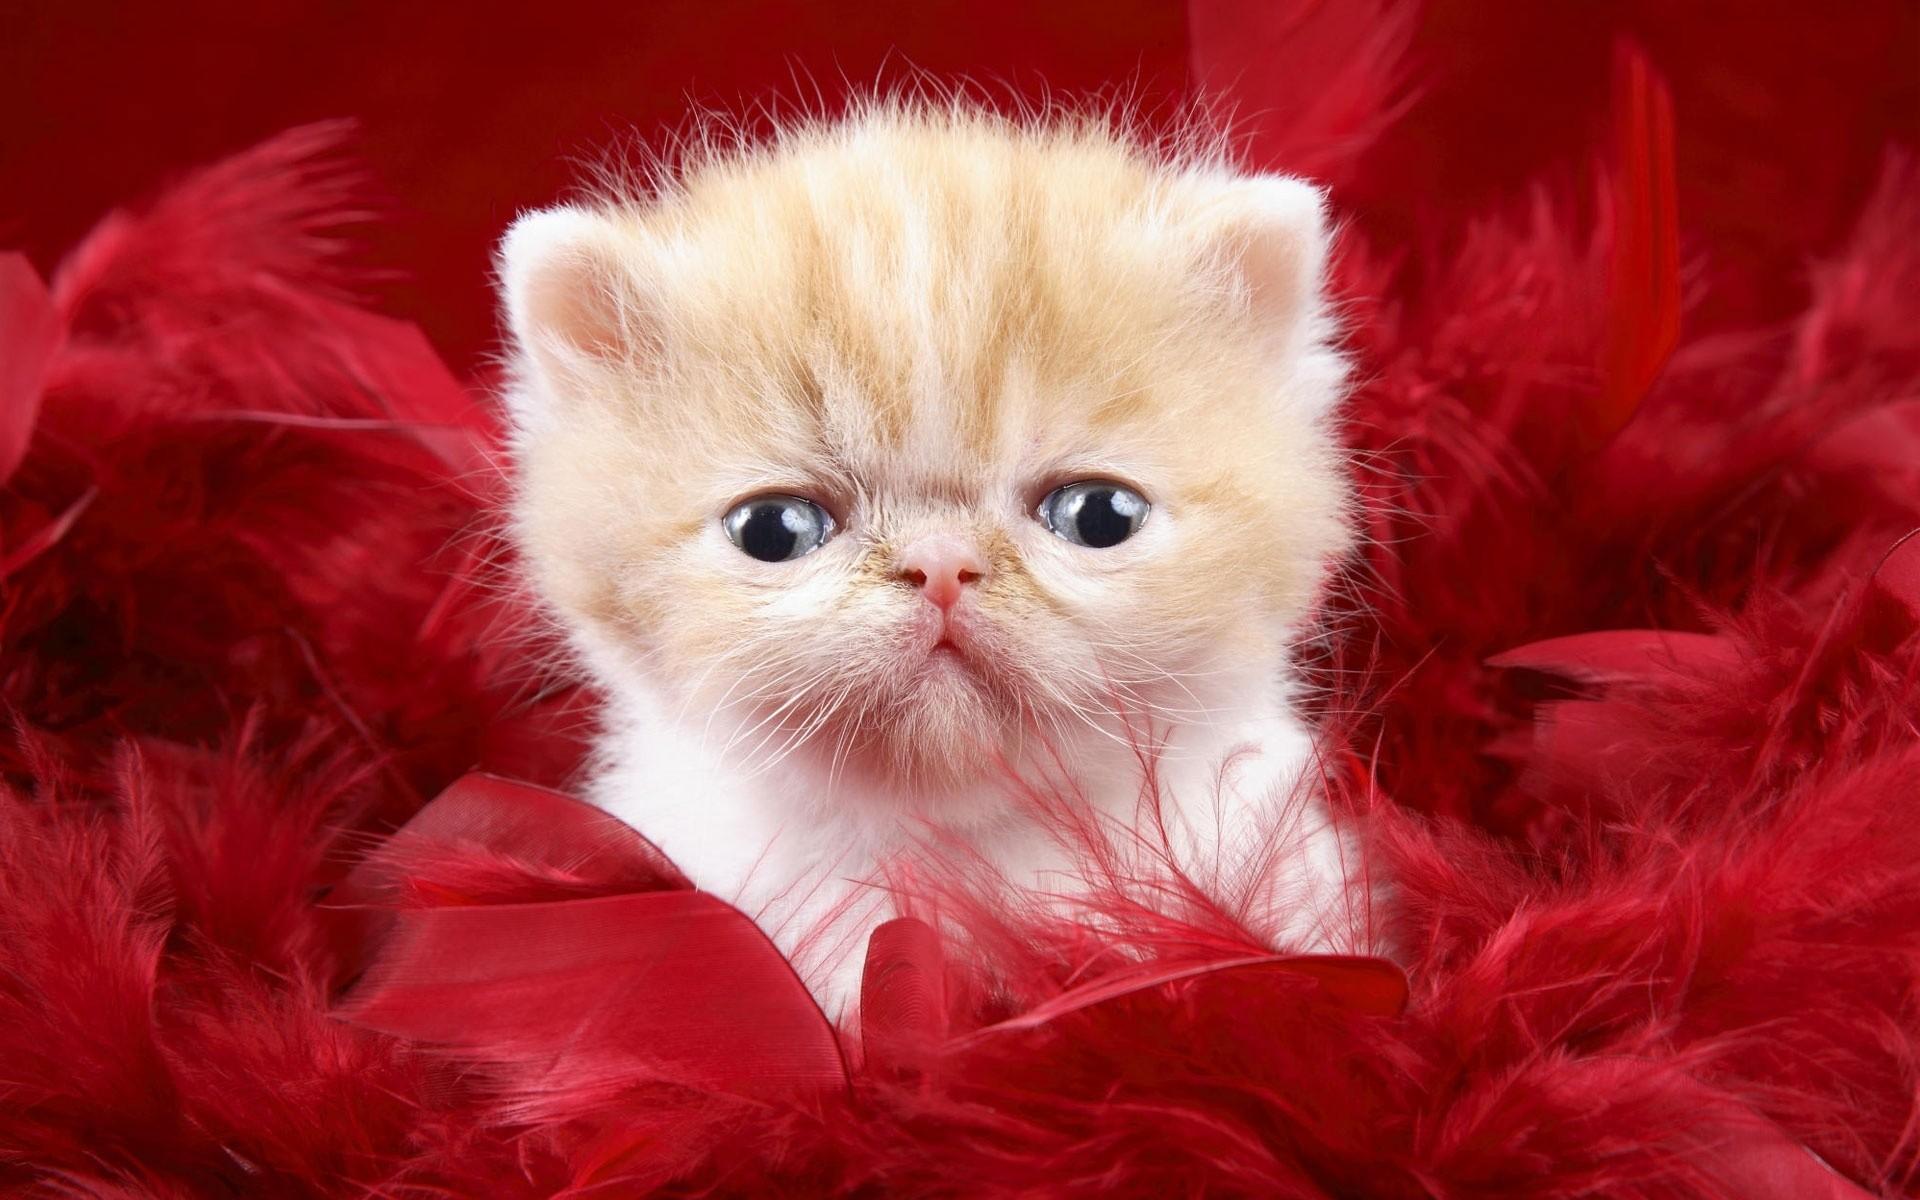 Un gatito feo - 1920x1200